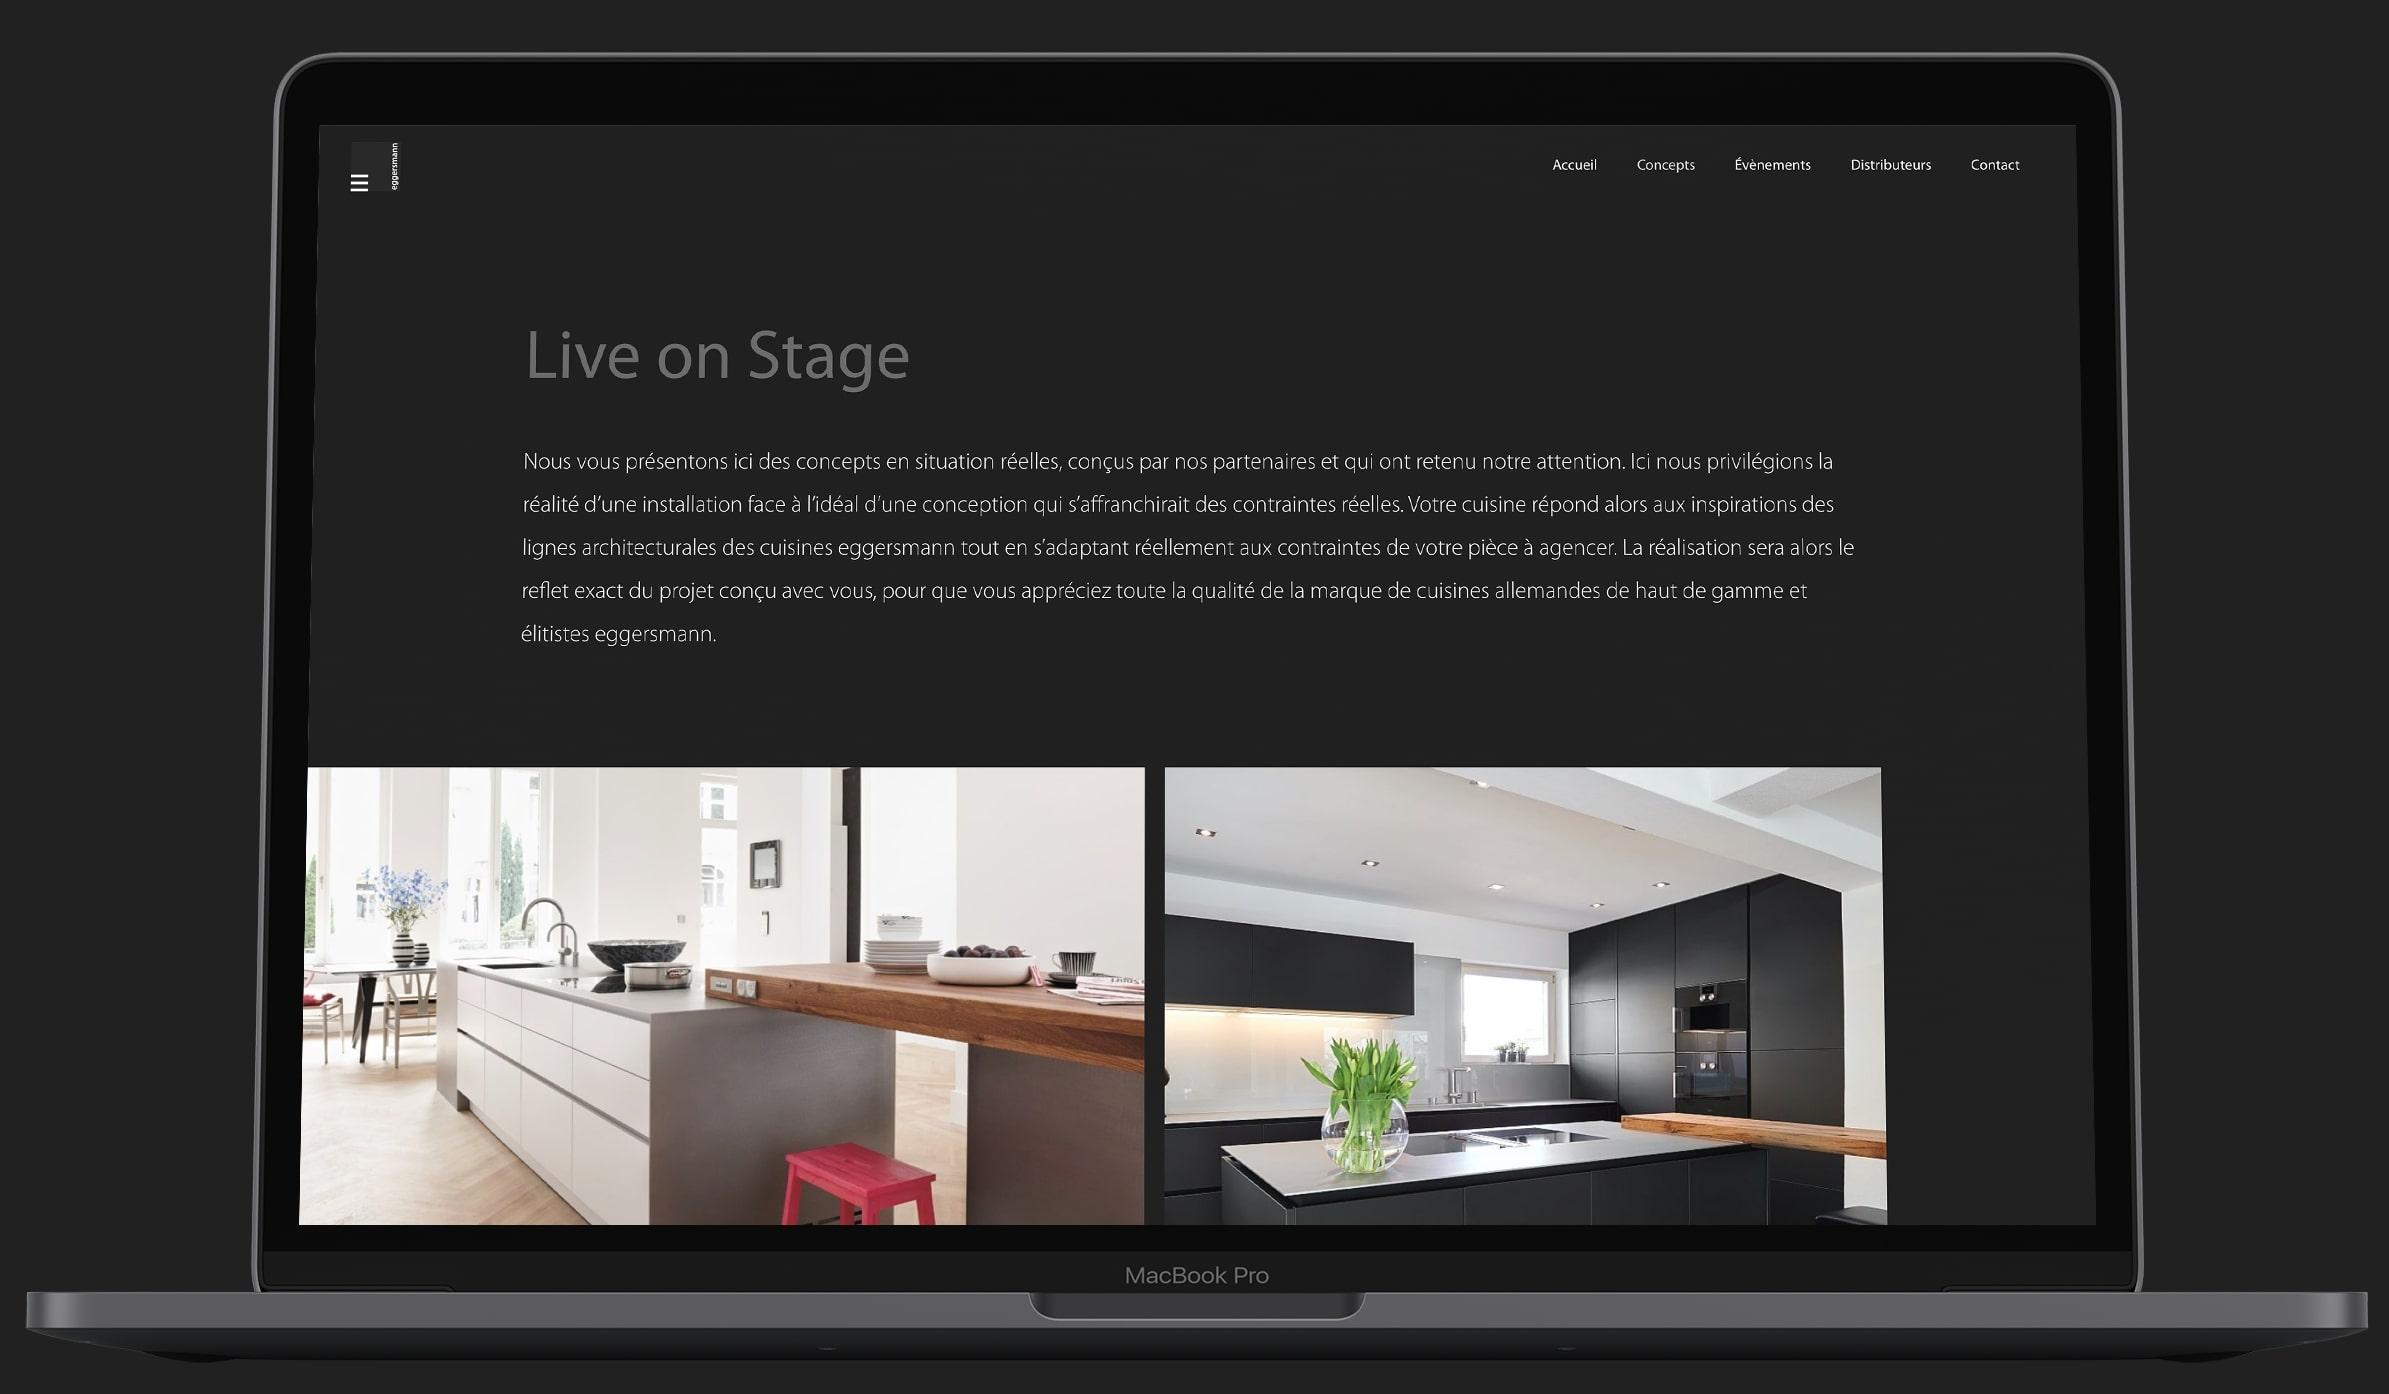 maquette du site eggersmann sur ordinateur